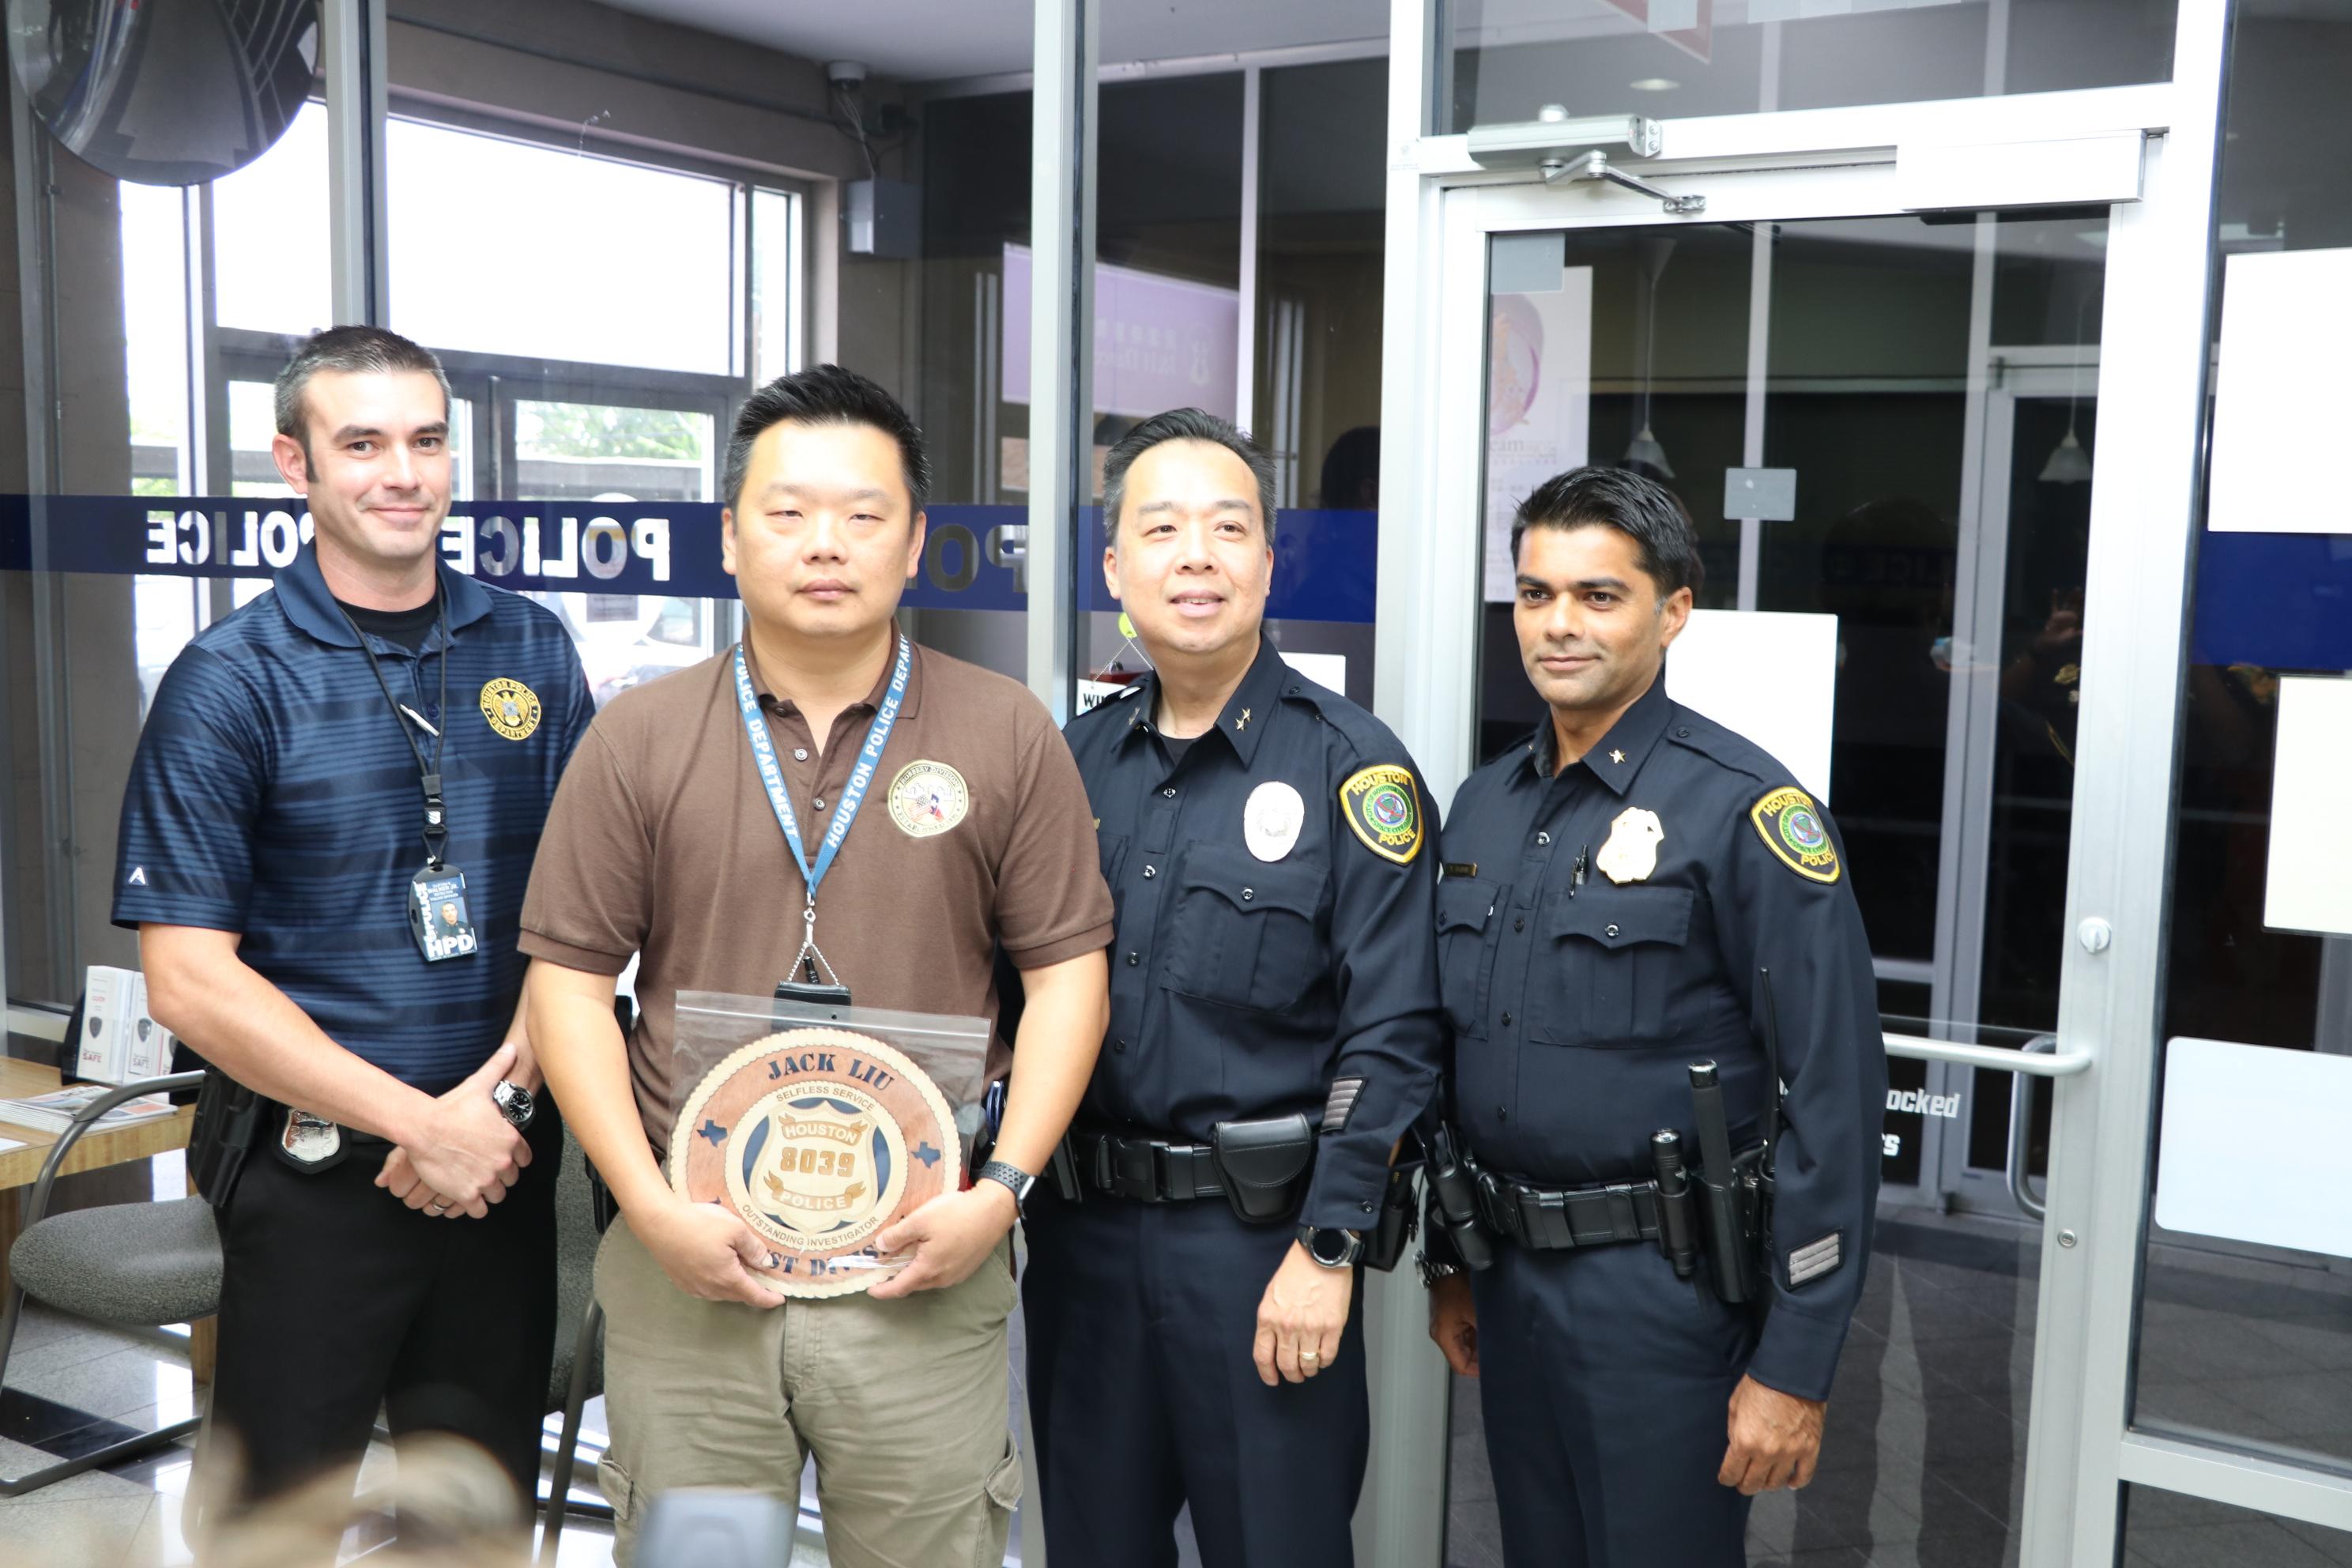 休士頓警局副局長Henry Gaw(右二)、中西分局局長Yasar Bashir(右一)共同頒狀表揚劉諍志Jack Liu(左二)傑出表現,左一為他為搭檔Clifton Walker Jr。(記者封昌明攝)